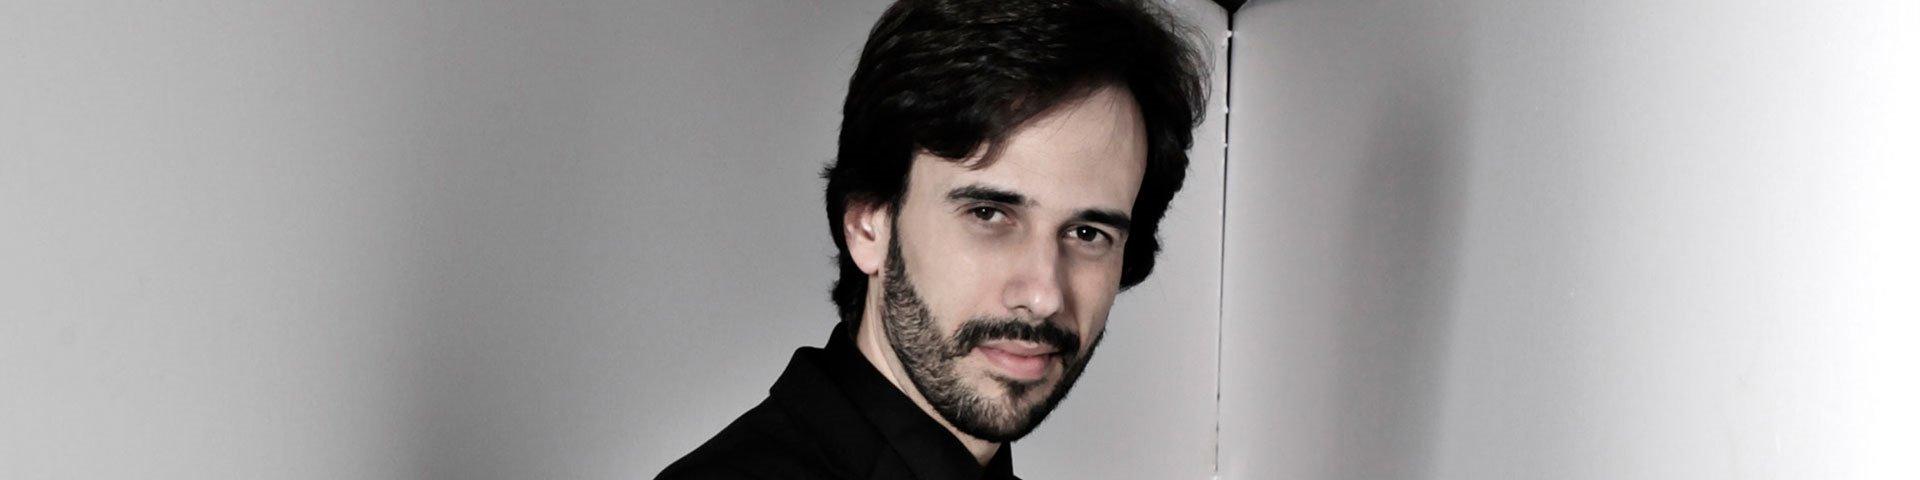 Paul Dukas as a teacher